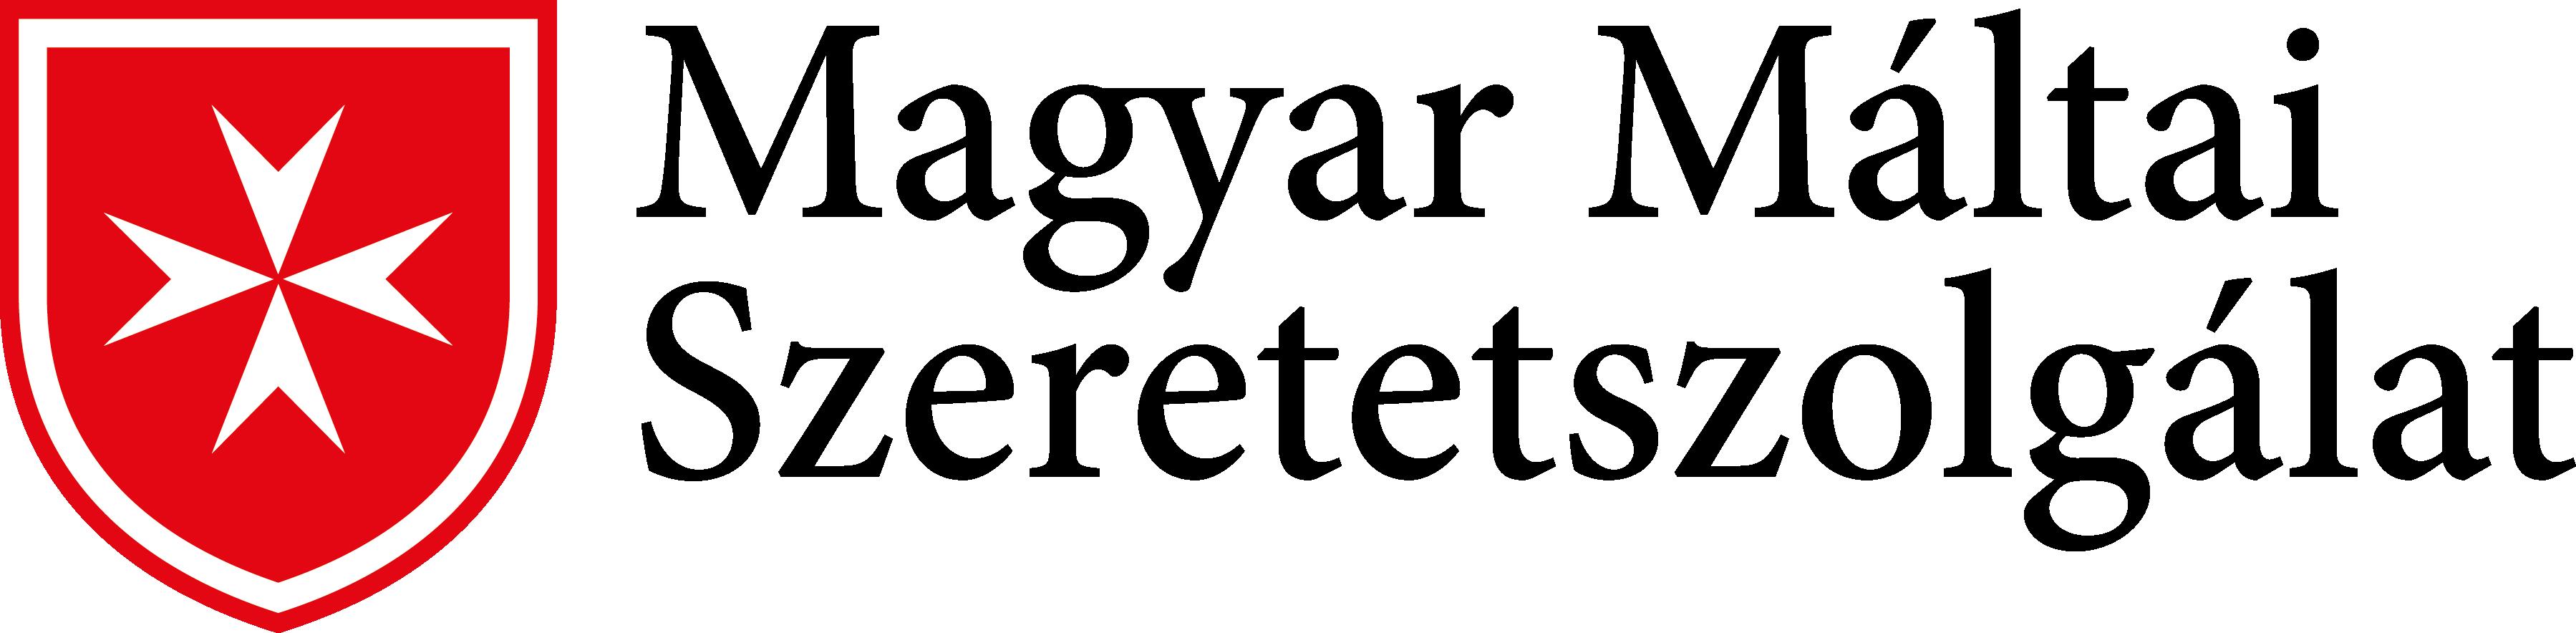 EFOP-1.12.1-17-2017-00008